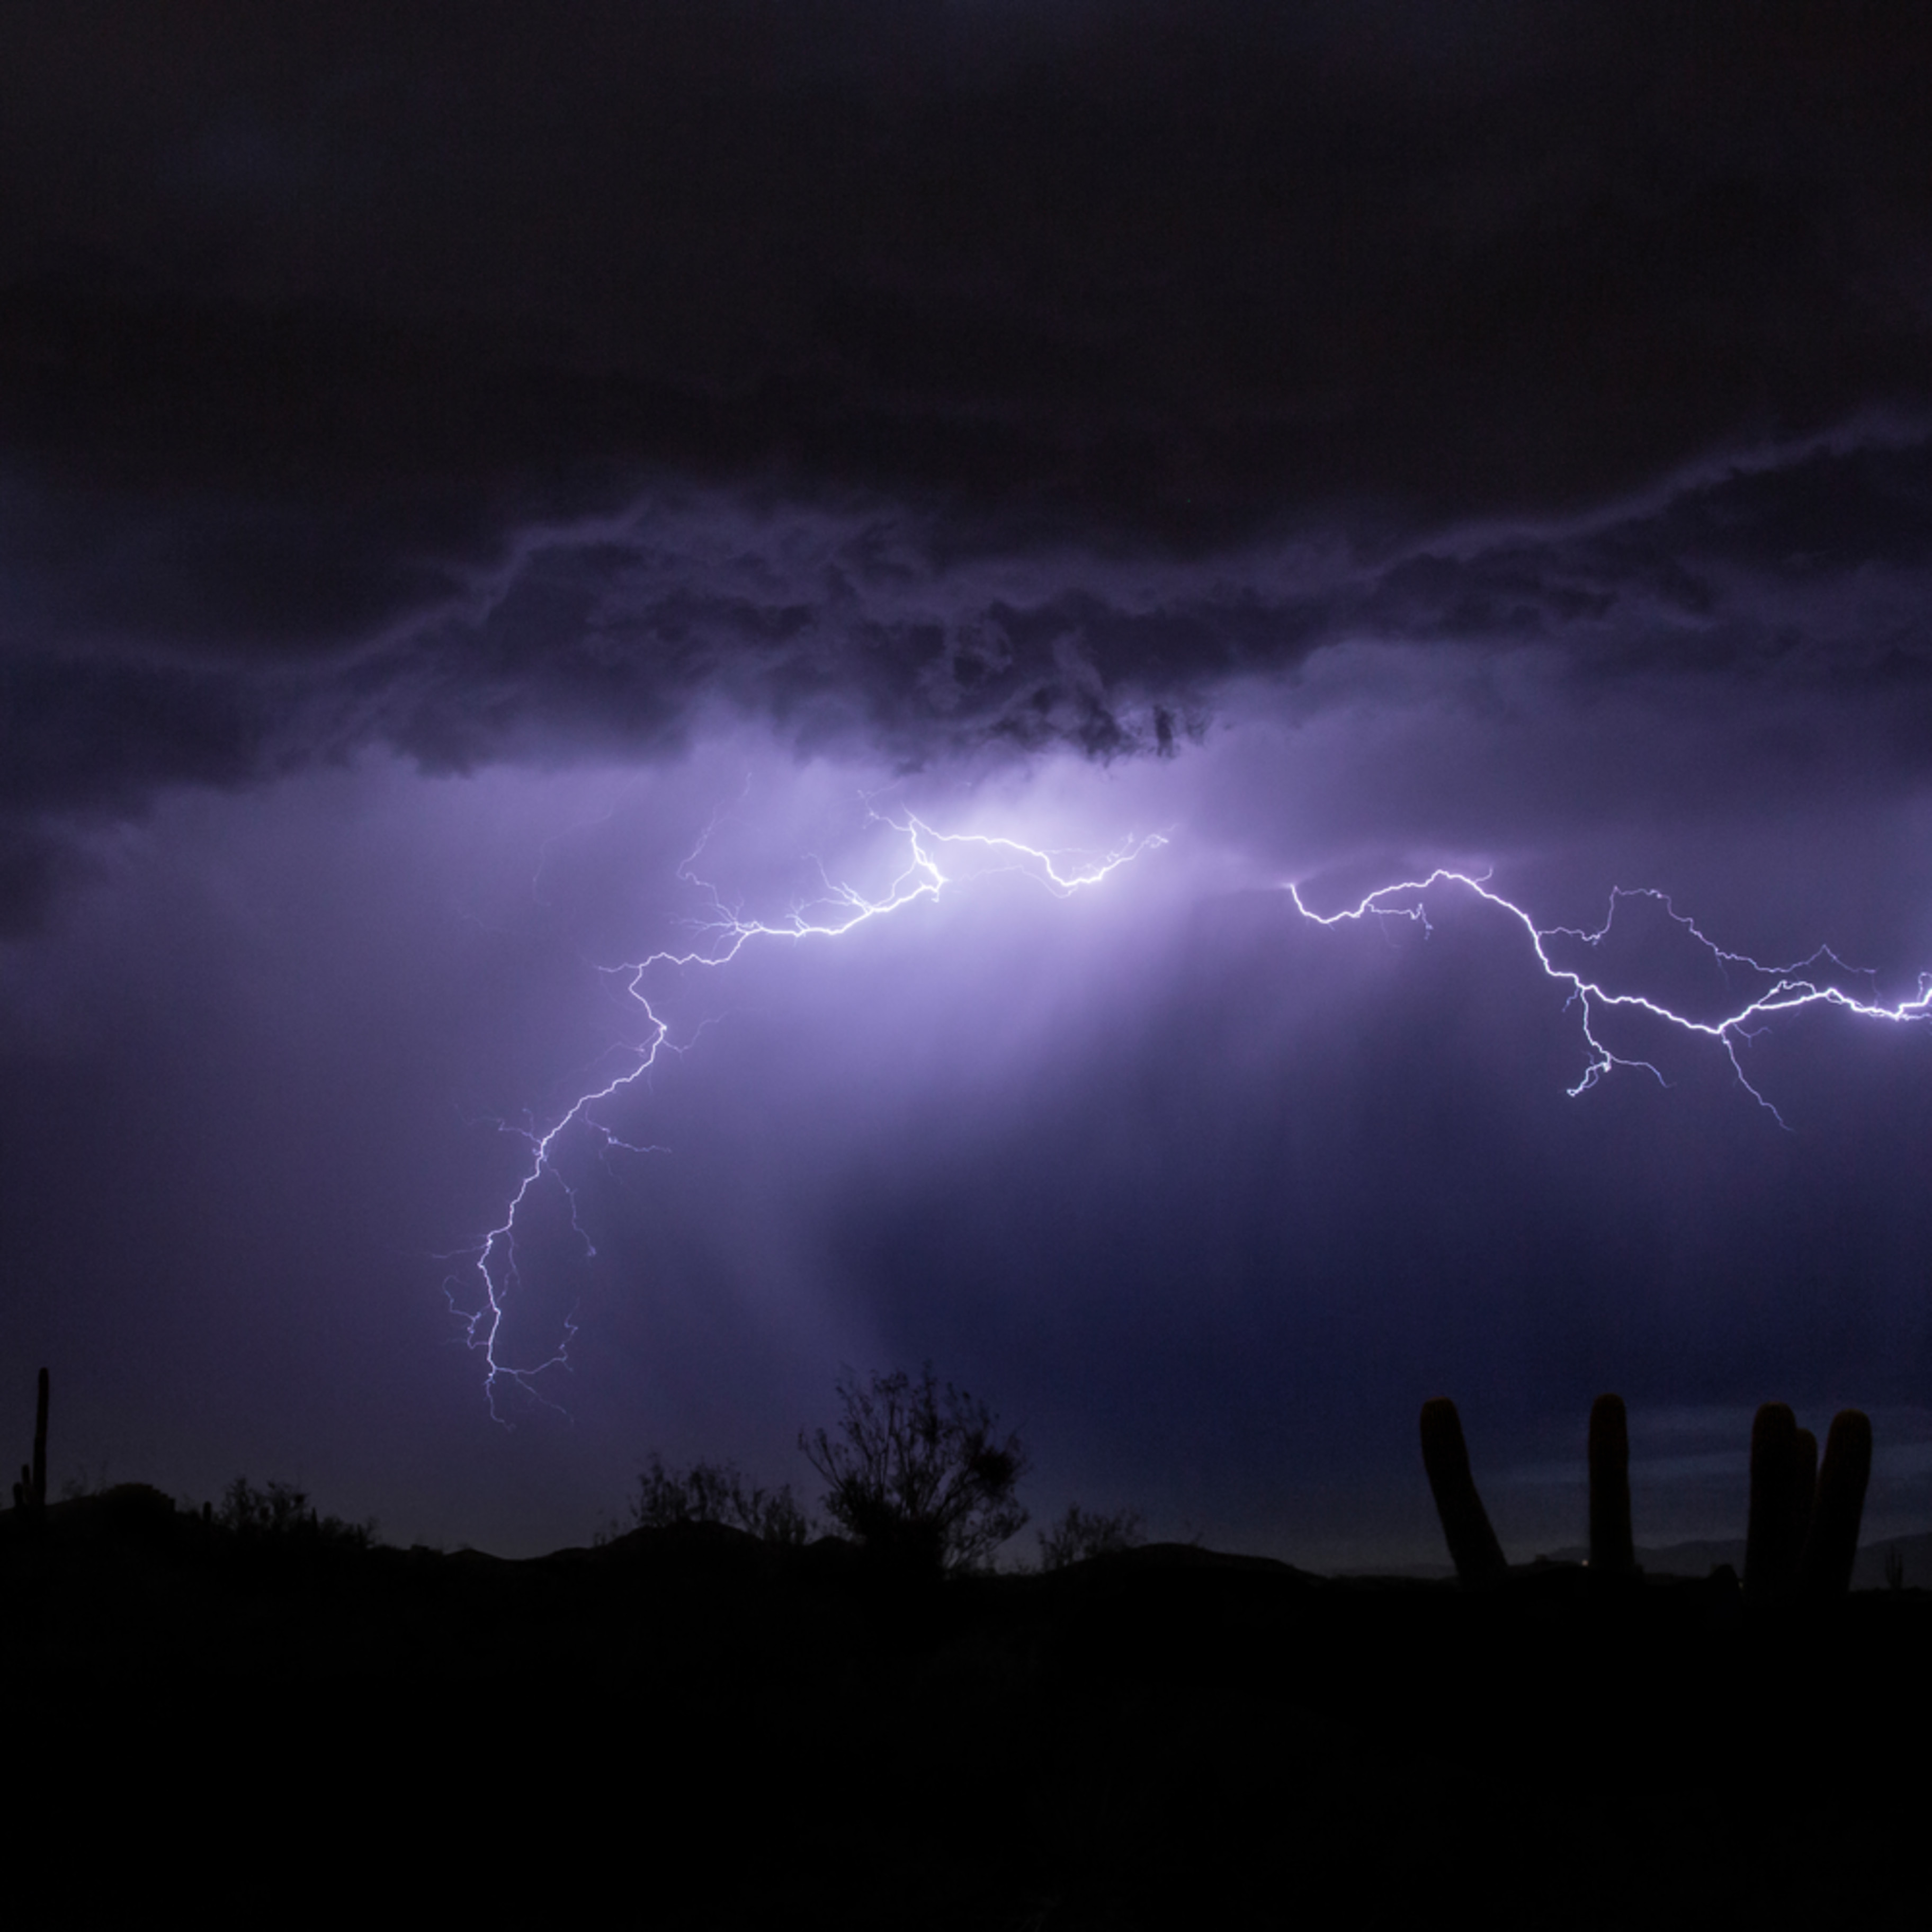 Lightning 2 1 gkb1rd